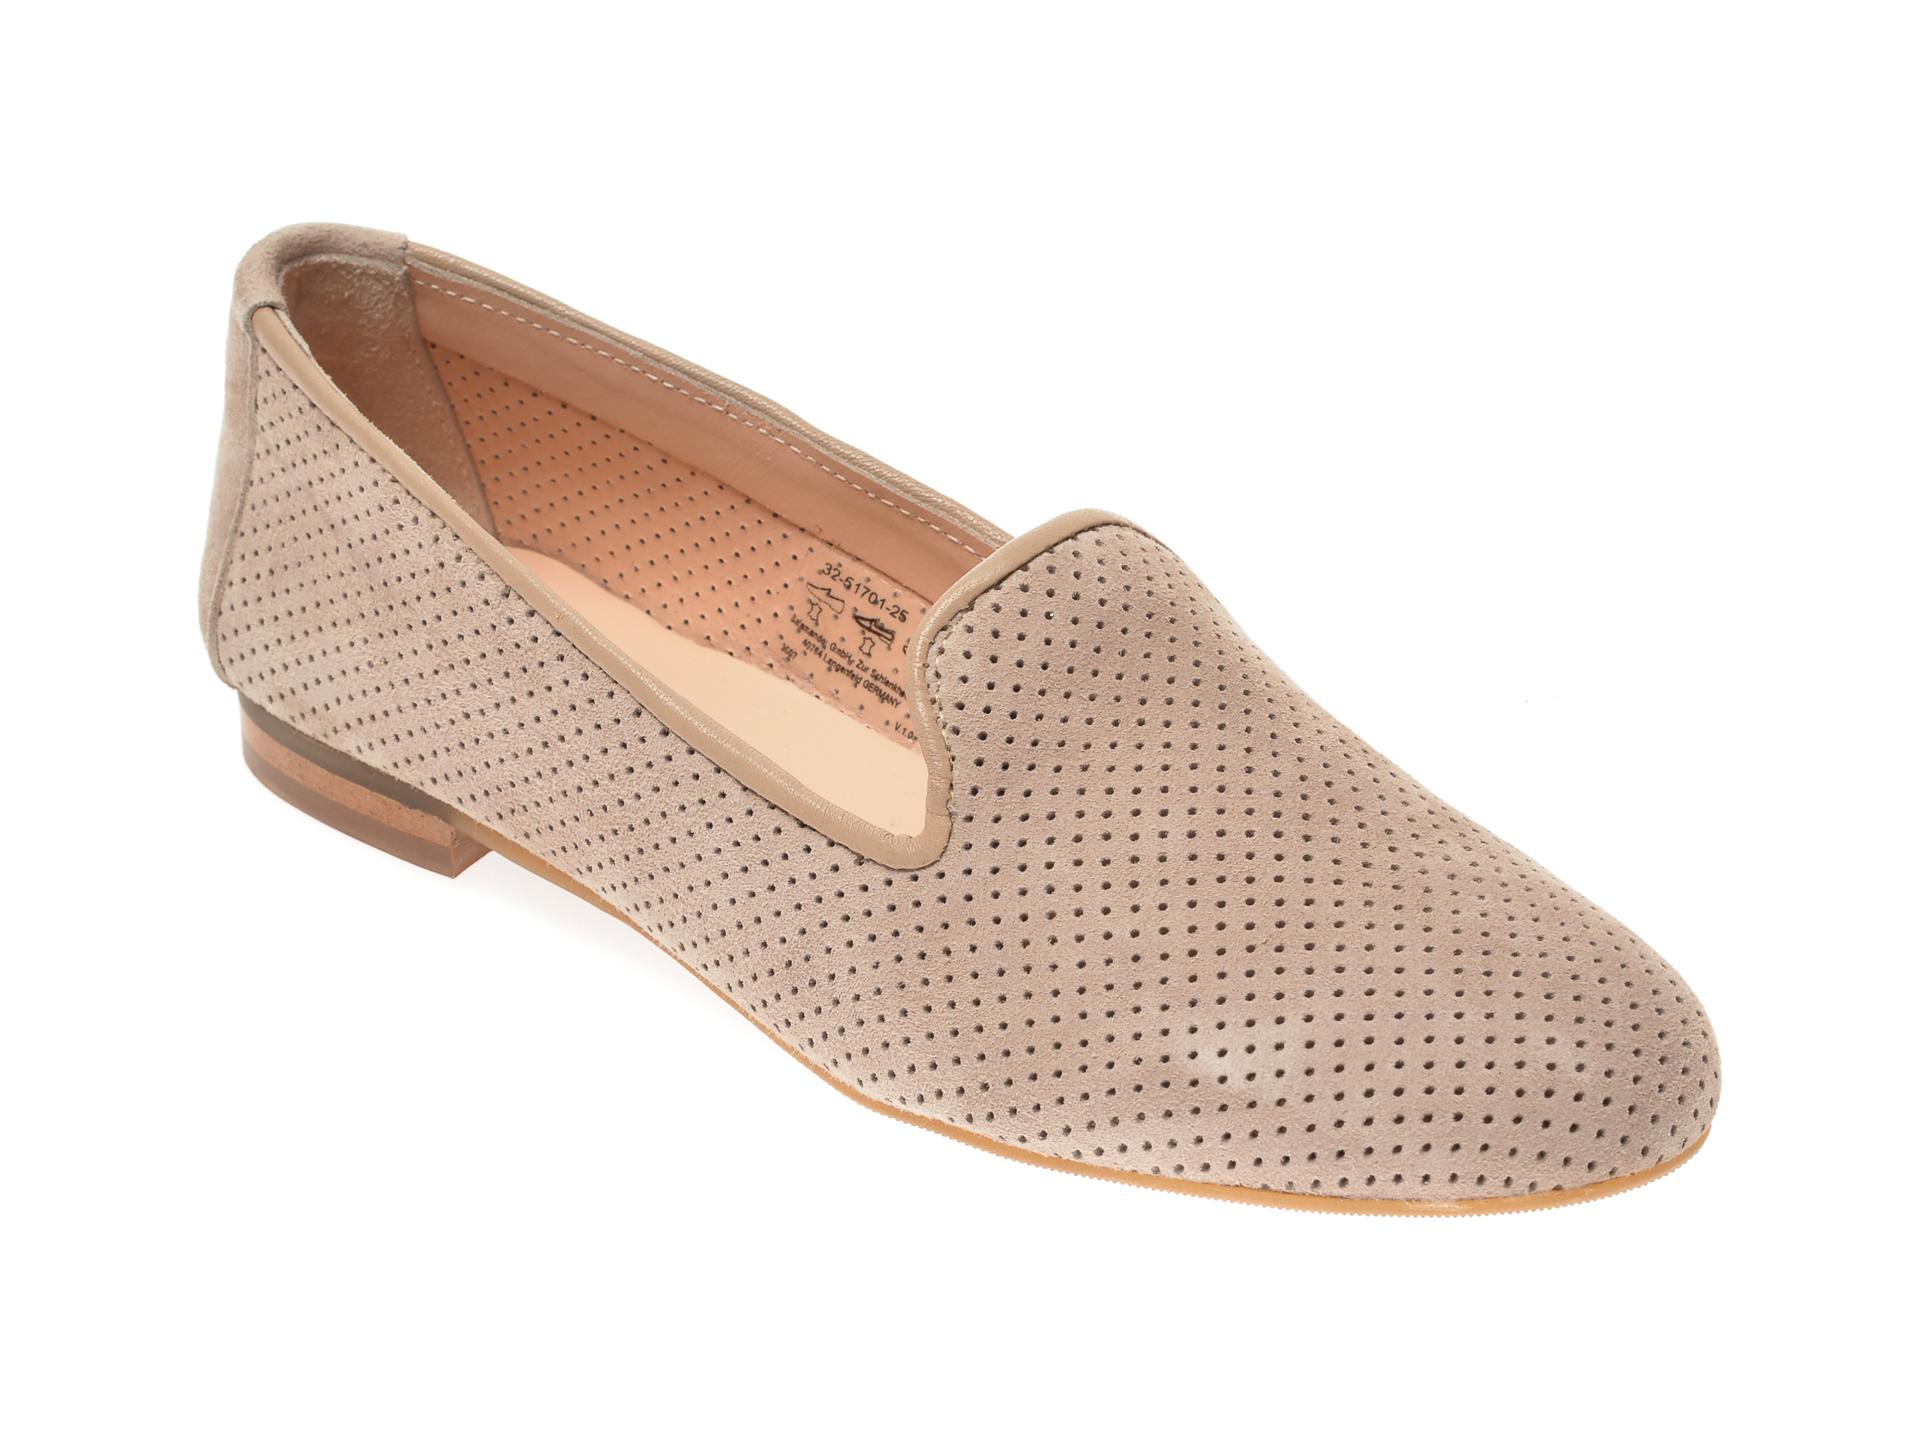 Pantofi SALAMANDER taupe, 51701, din piele intoarsa imagine